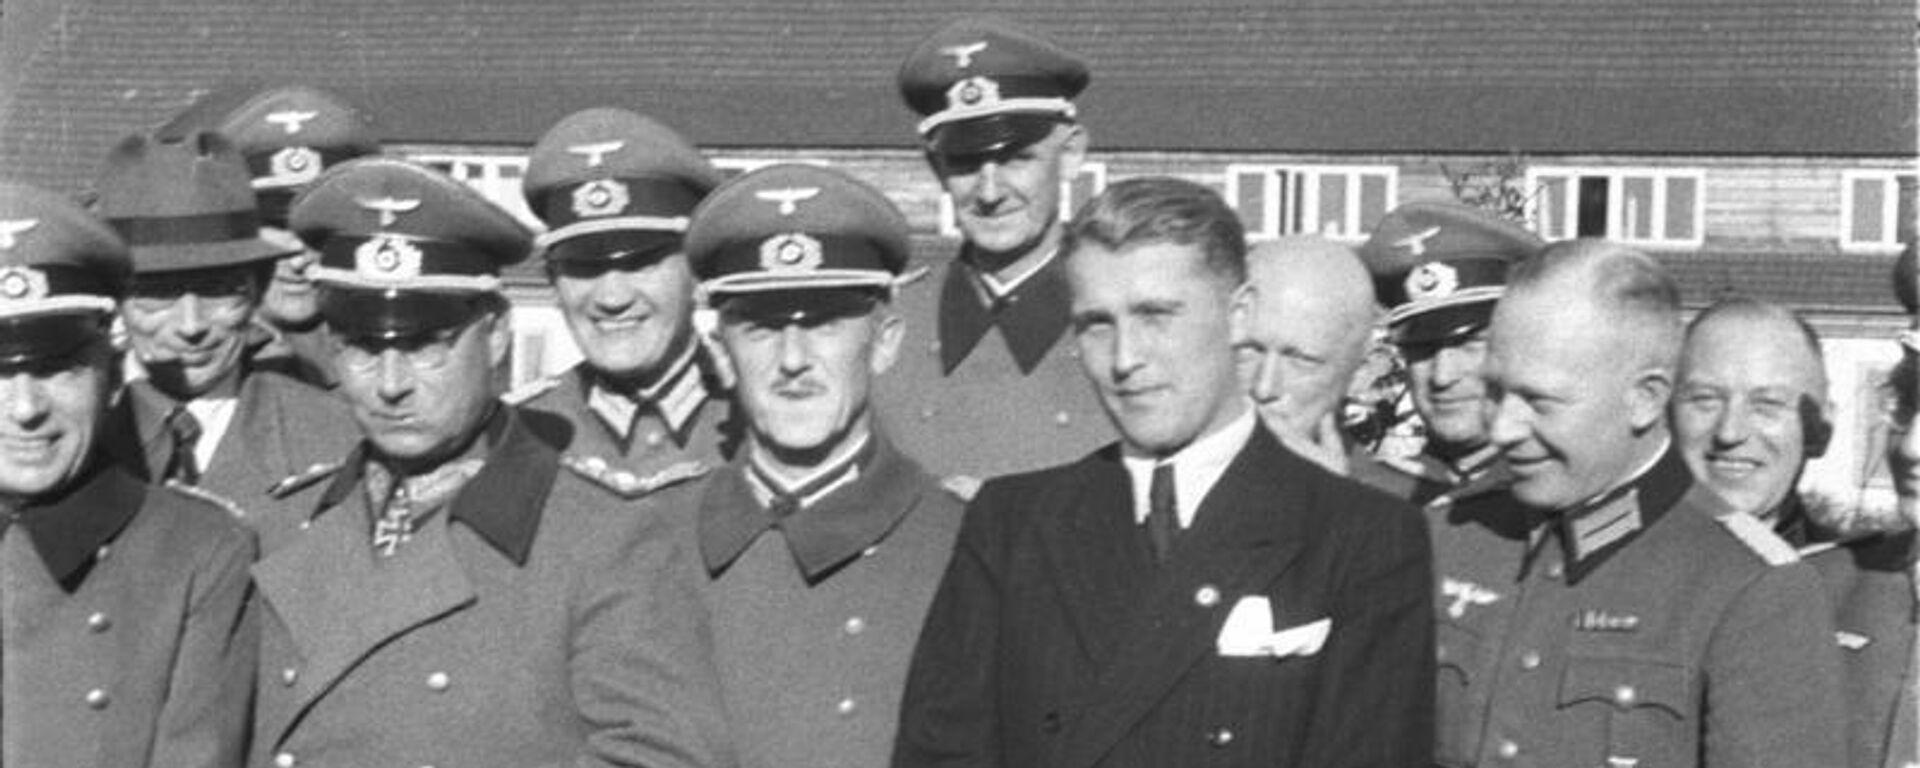 Wernher von Braun y militares nazis - Sputnik Mundo, 1920, 28.05.2021